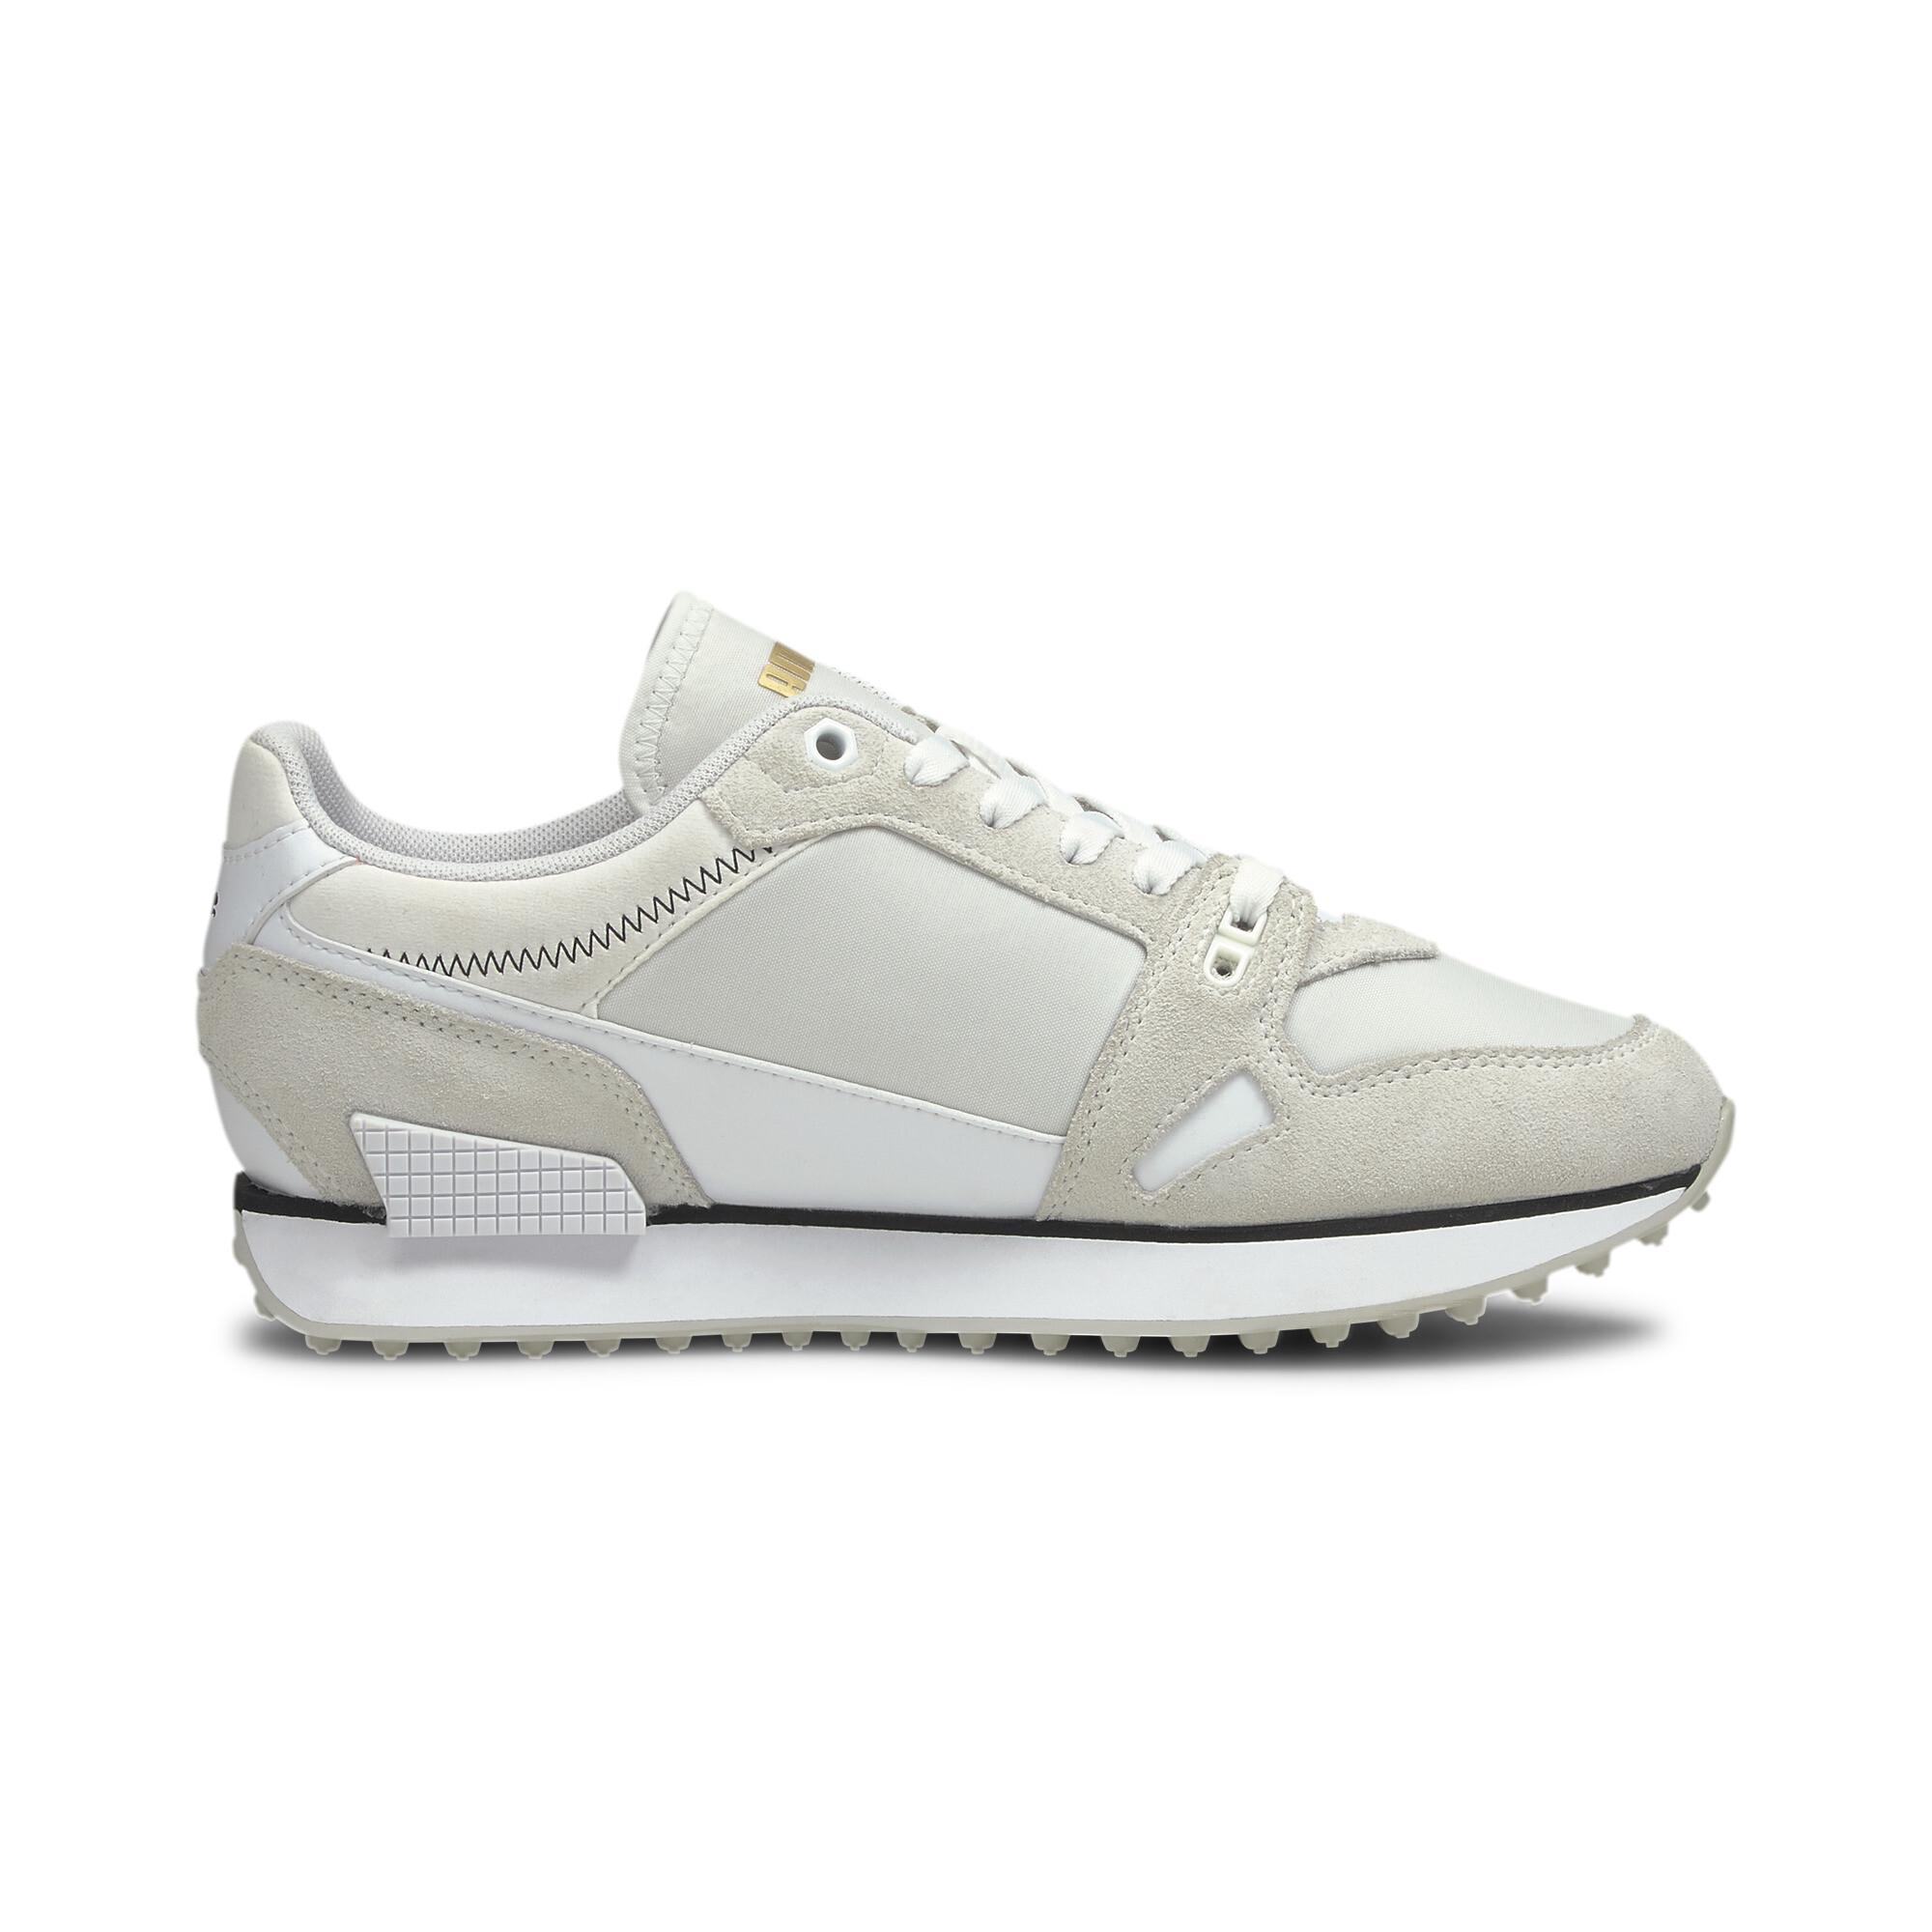 Indexbild 12 - PUMA-Mile-Rider-Chrome-Desert-Damen-Sneaker-Frauen-Schuhe-Neu